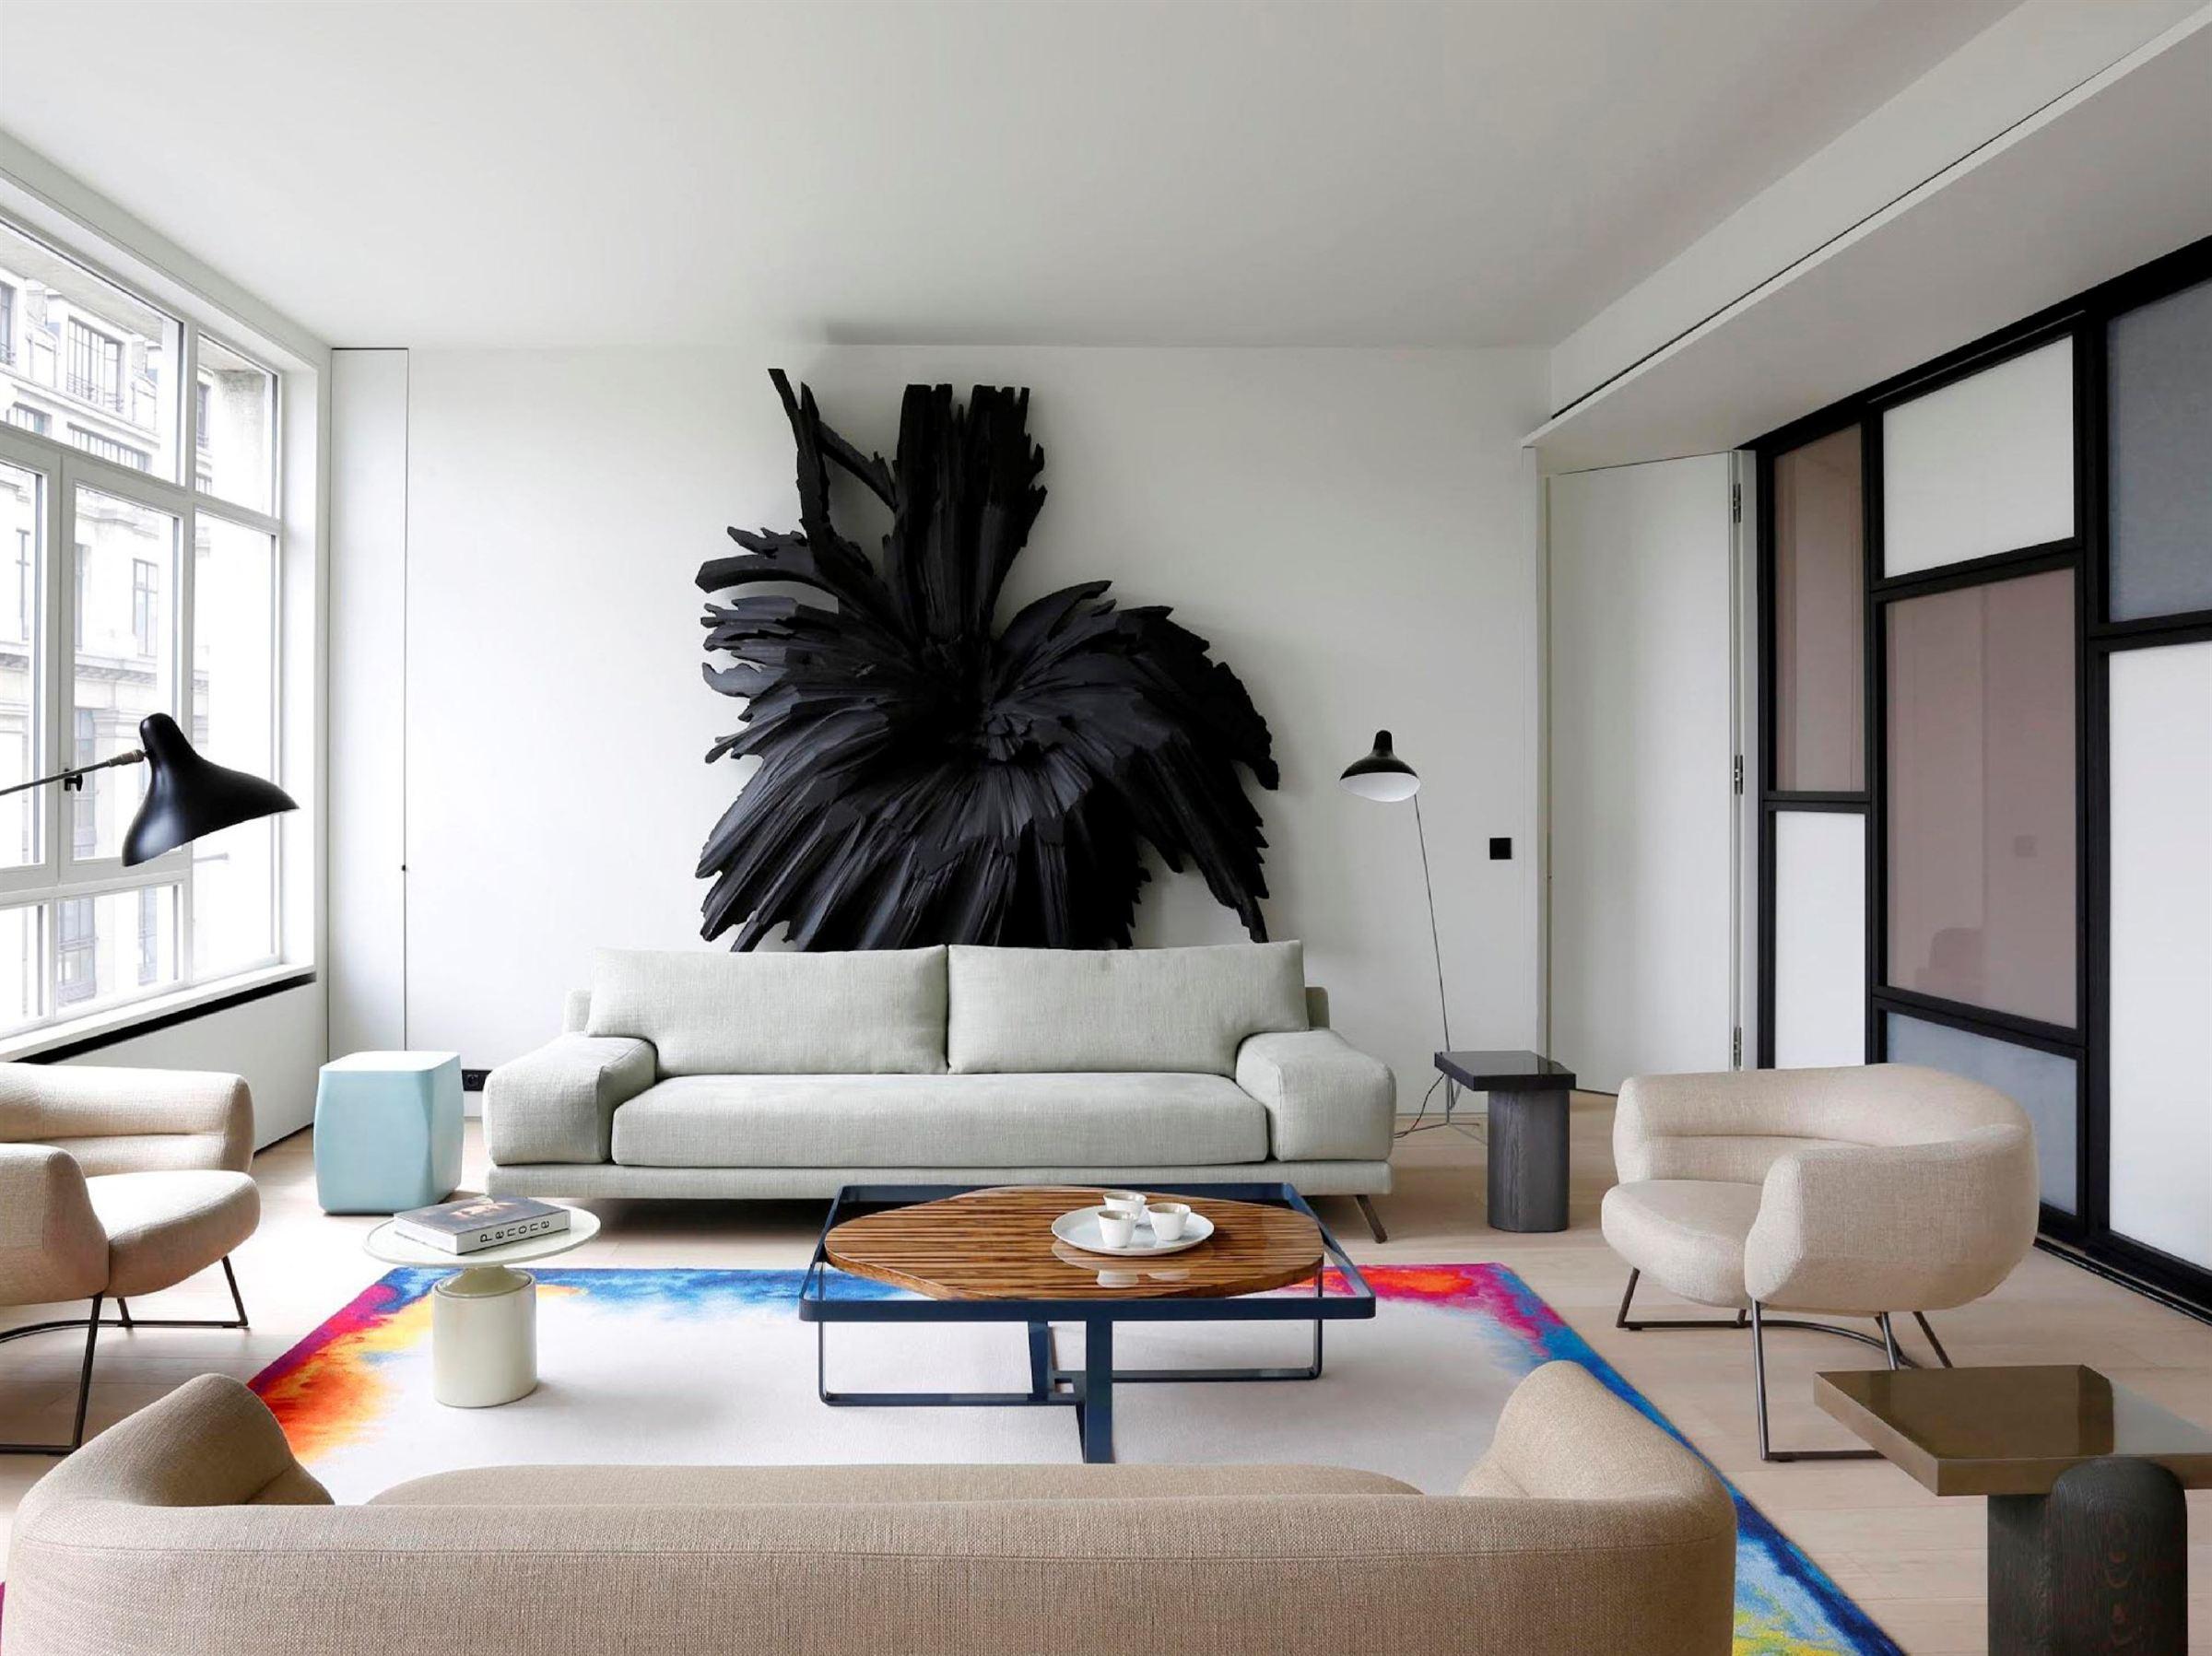 sales property at An Apartment, loft style for sale Paris 4 - Marais, 3 bedrooms